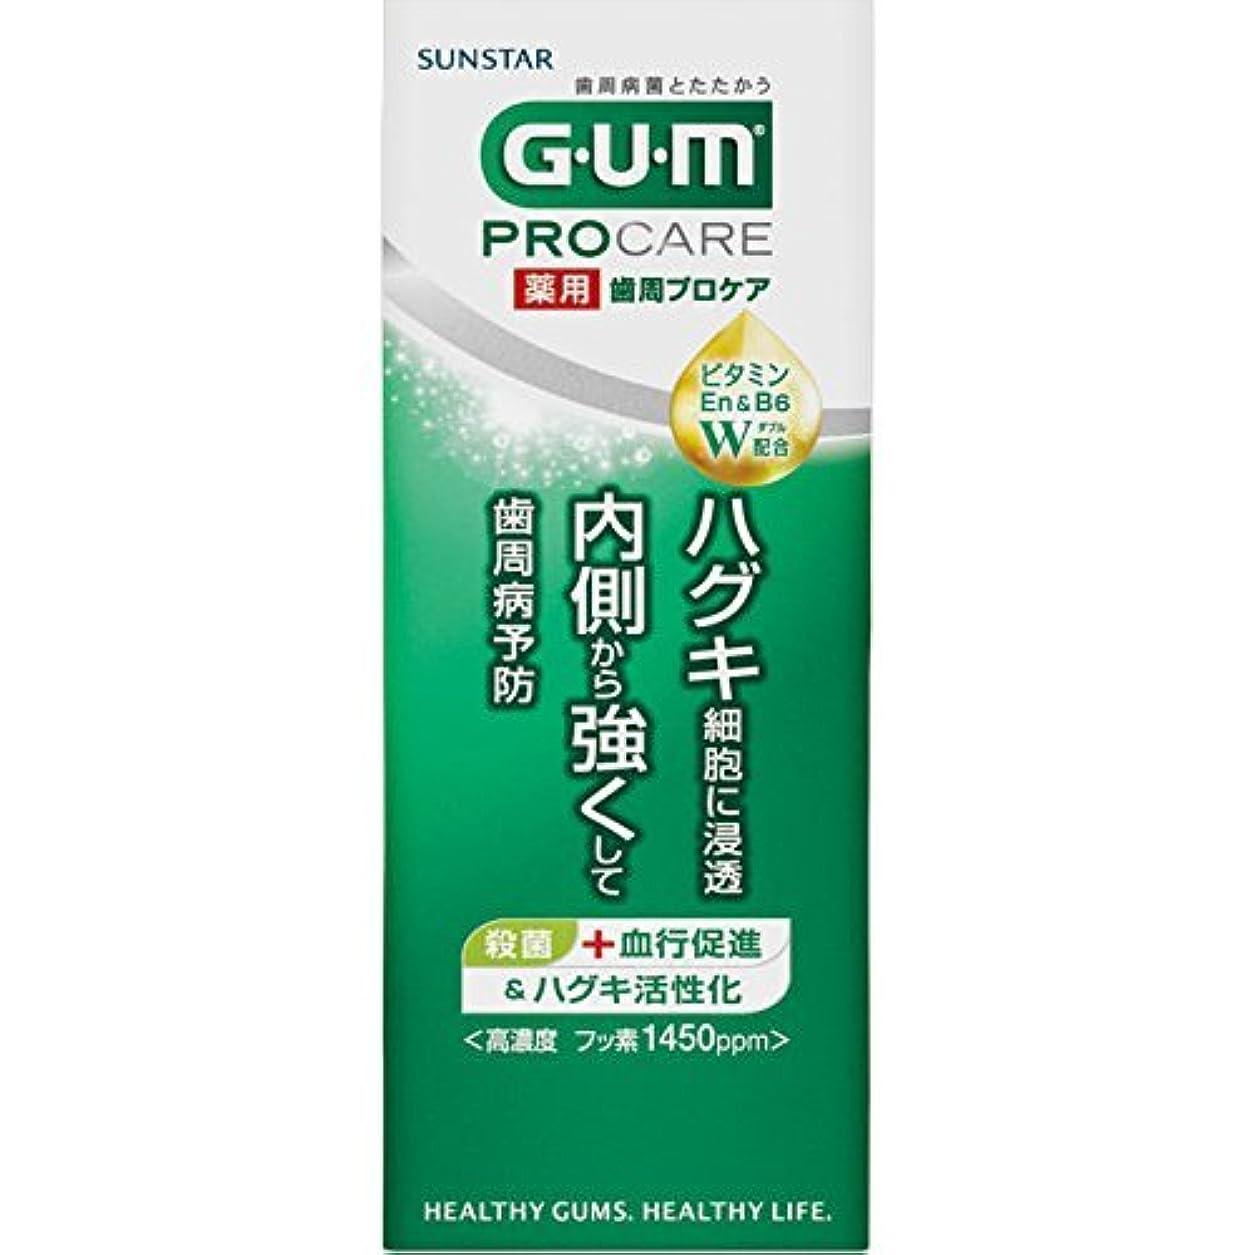 [医薬部外品] GUM(ガム) 歯周プロケア 歯みがき 50g <歯周病予防 ハグキケア 高濃度フッ素配合1,450ppm>